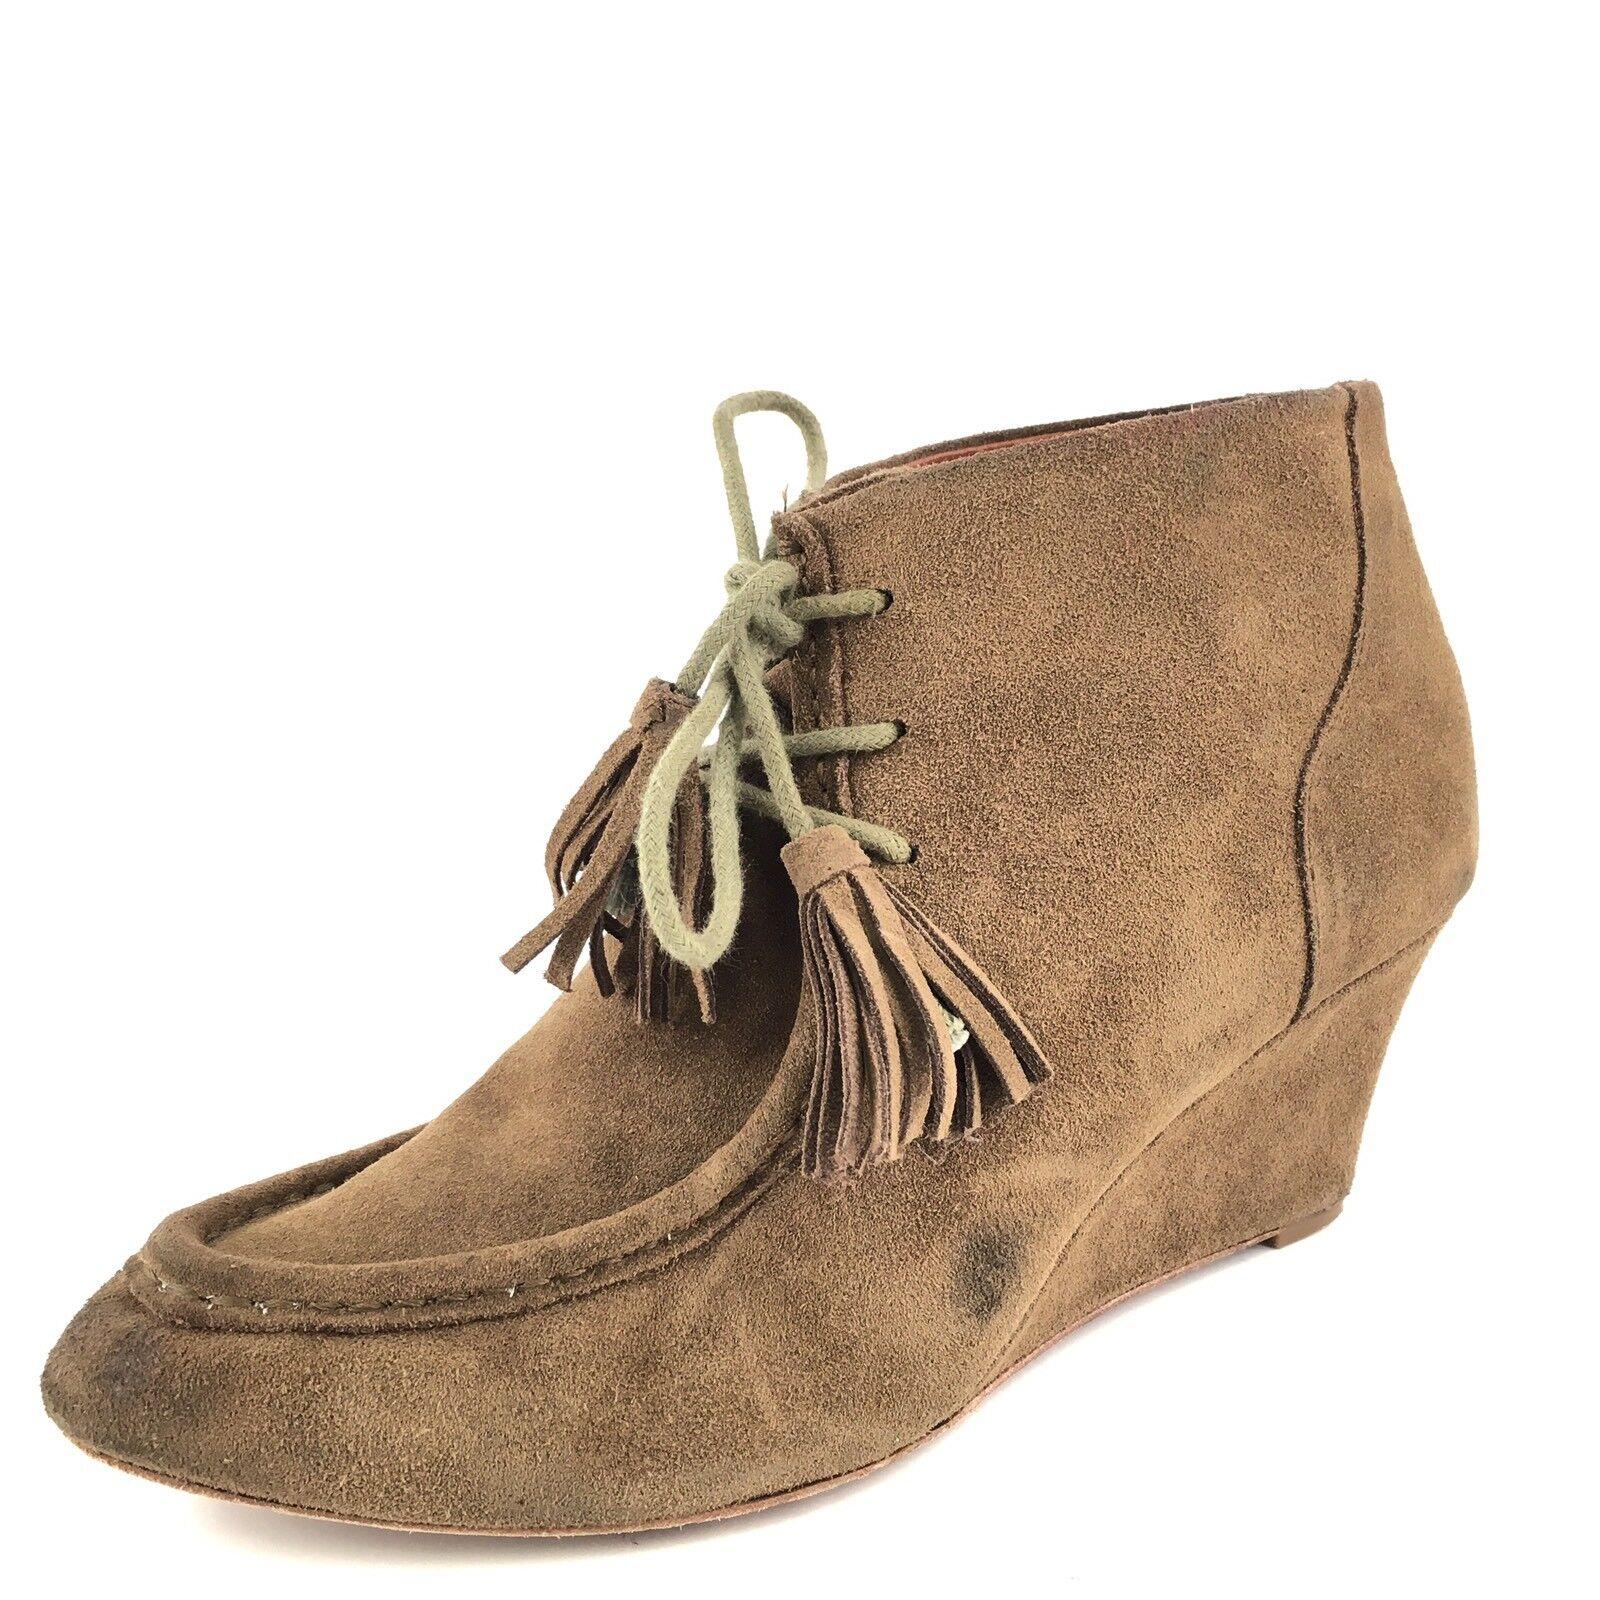 rebecca minkoff mia chestnut daim daim daim de wedge bottines femme taille 9,5 m * 61caec